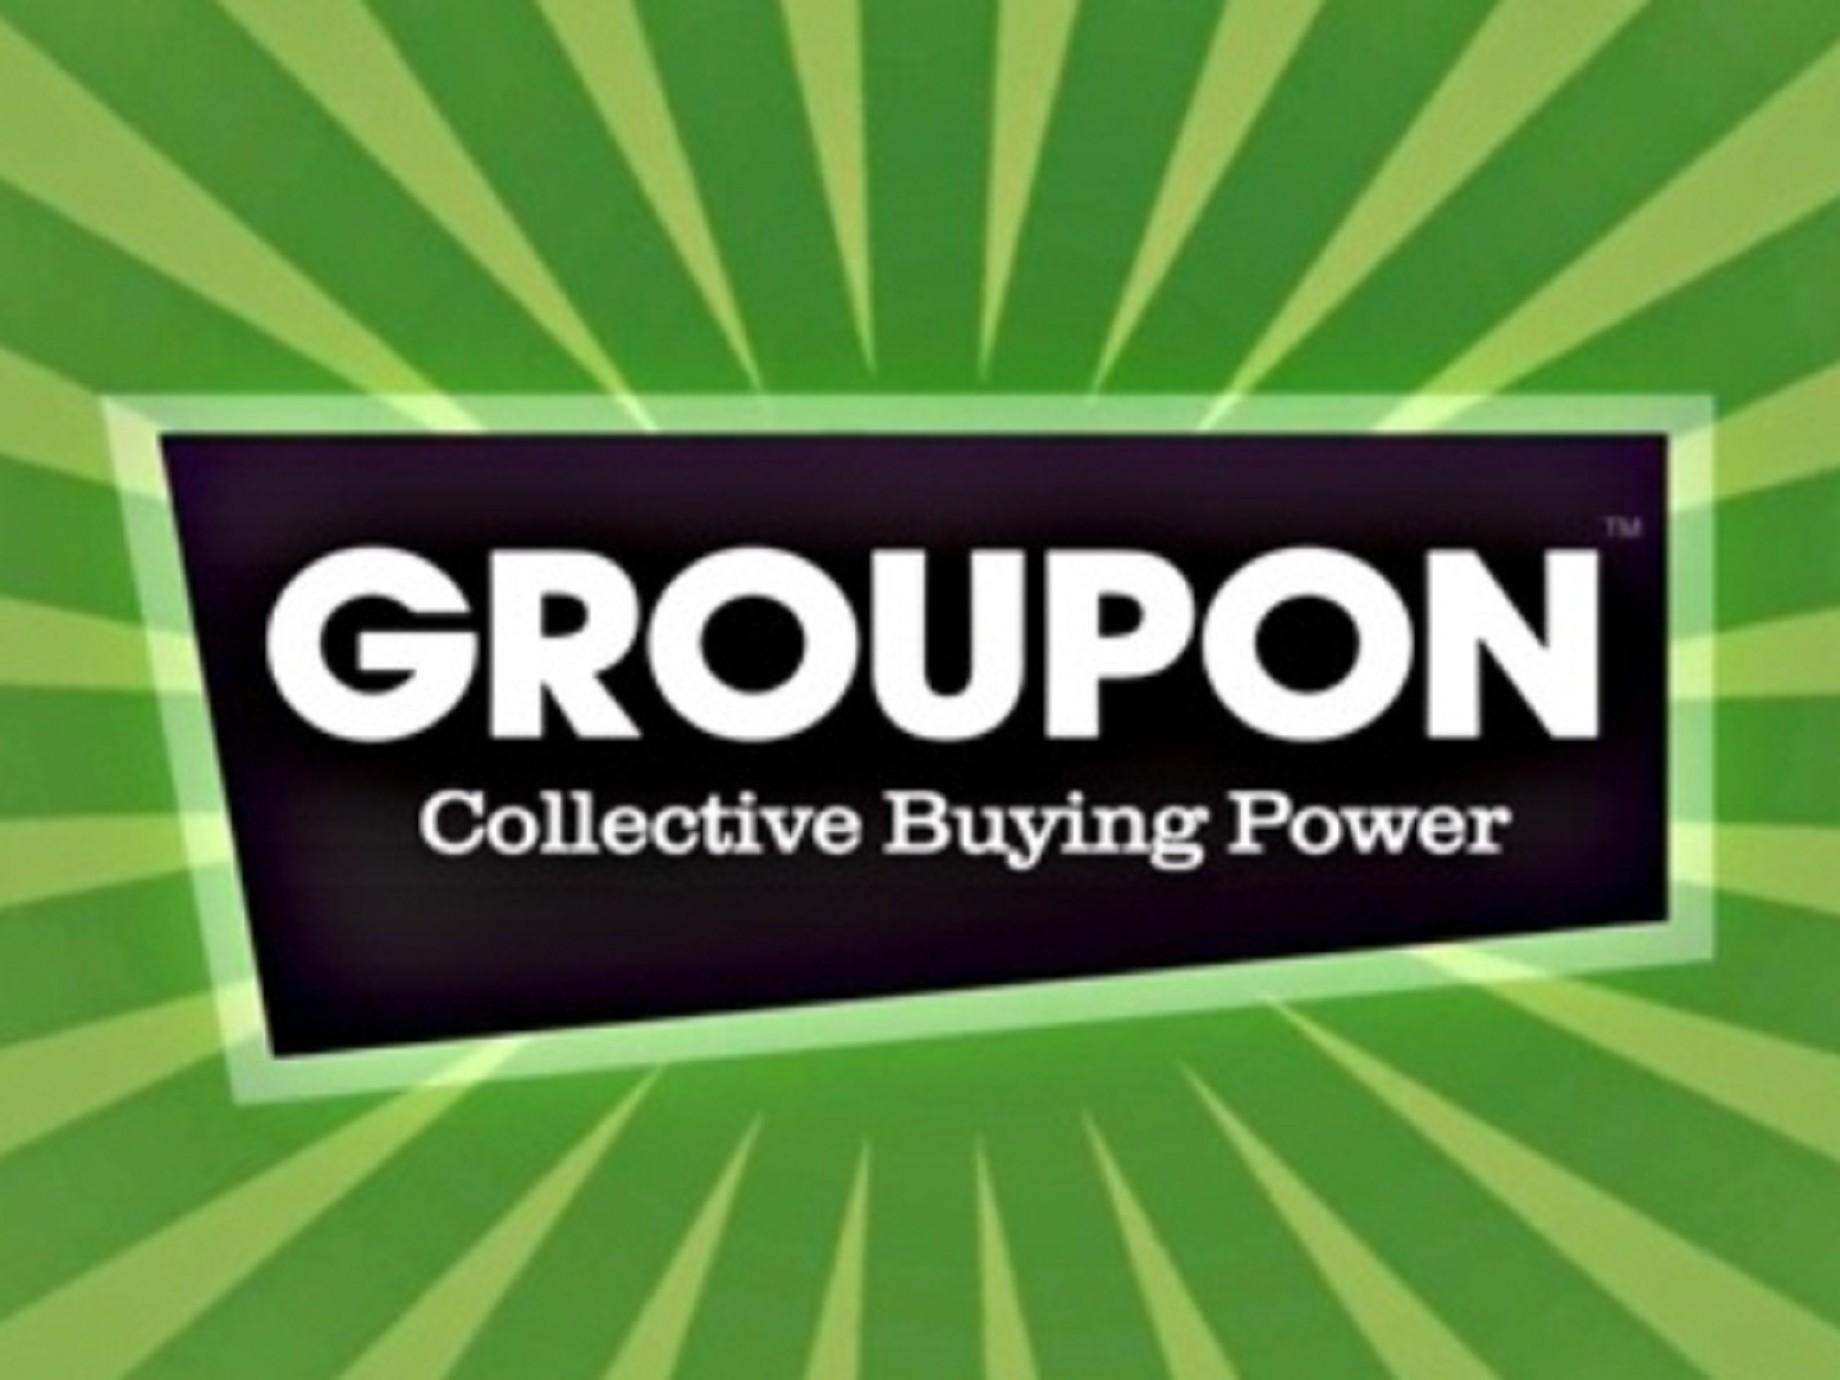 【Groupon Taiwan倒下,解密台灣團購網專題】網購的寒冬將至,Groupon Taiwan傳即將關閉?